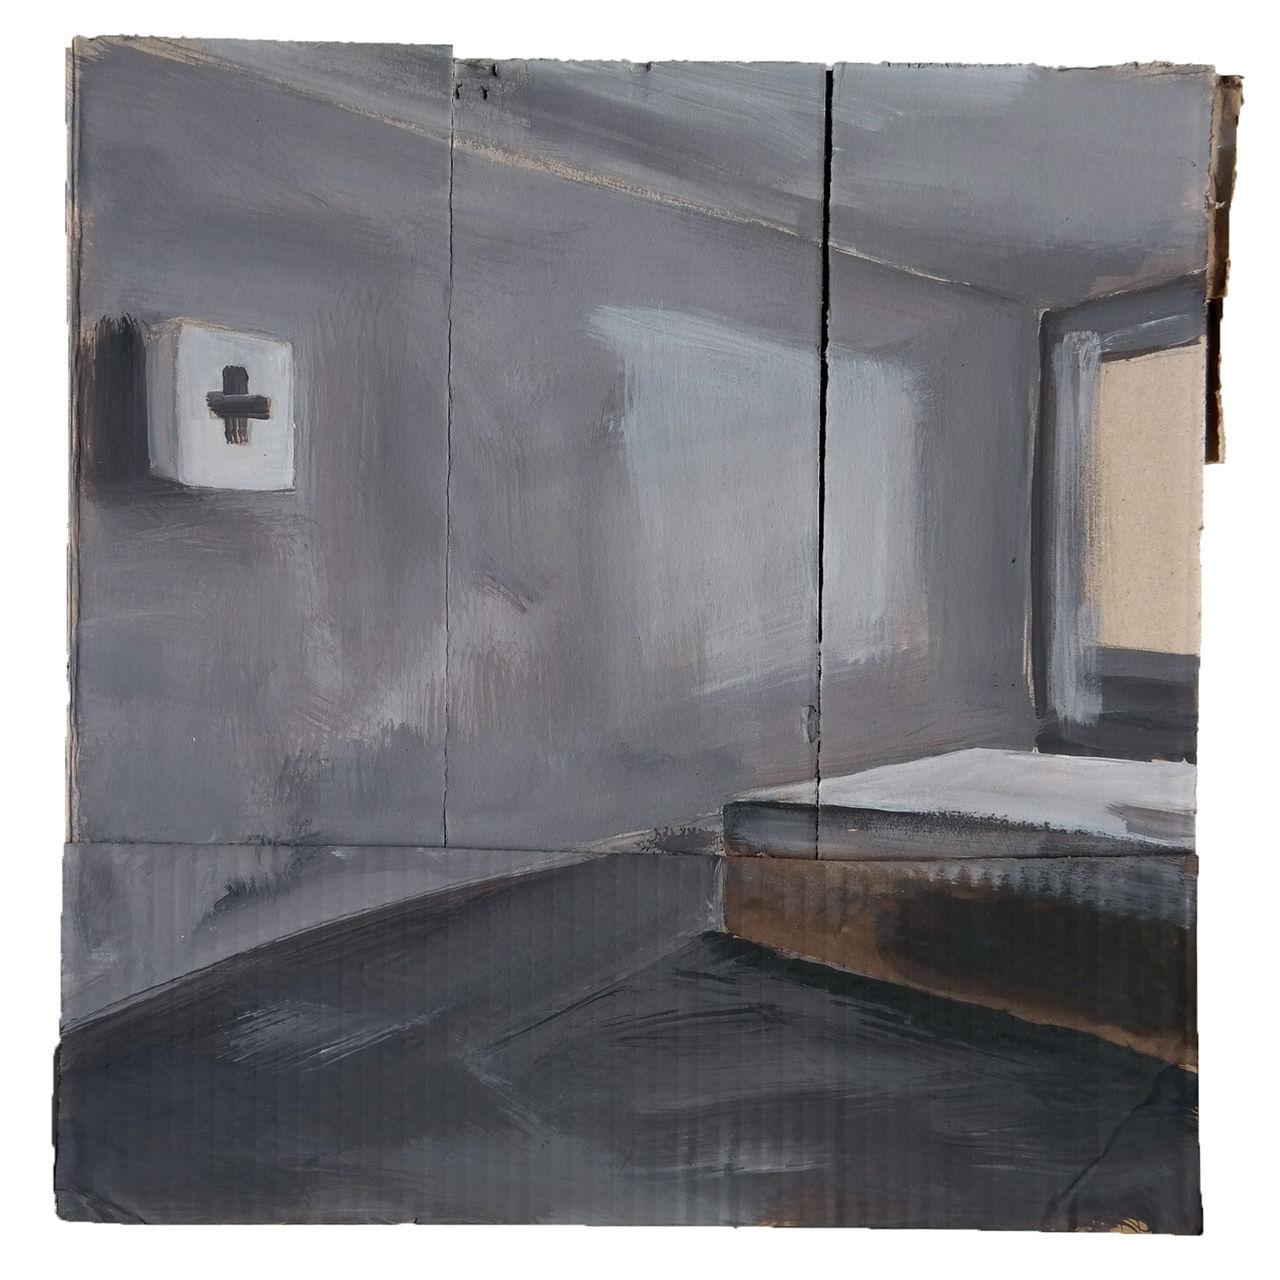 bild erste hilfe hotel bett fenster von victor koch. Black Bedroom Furniture Sets. Home Design Ideas